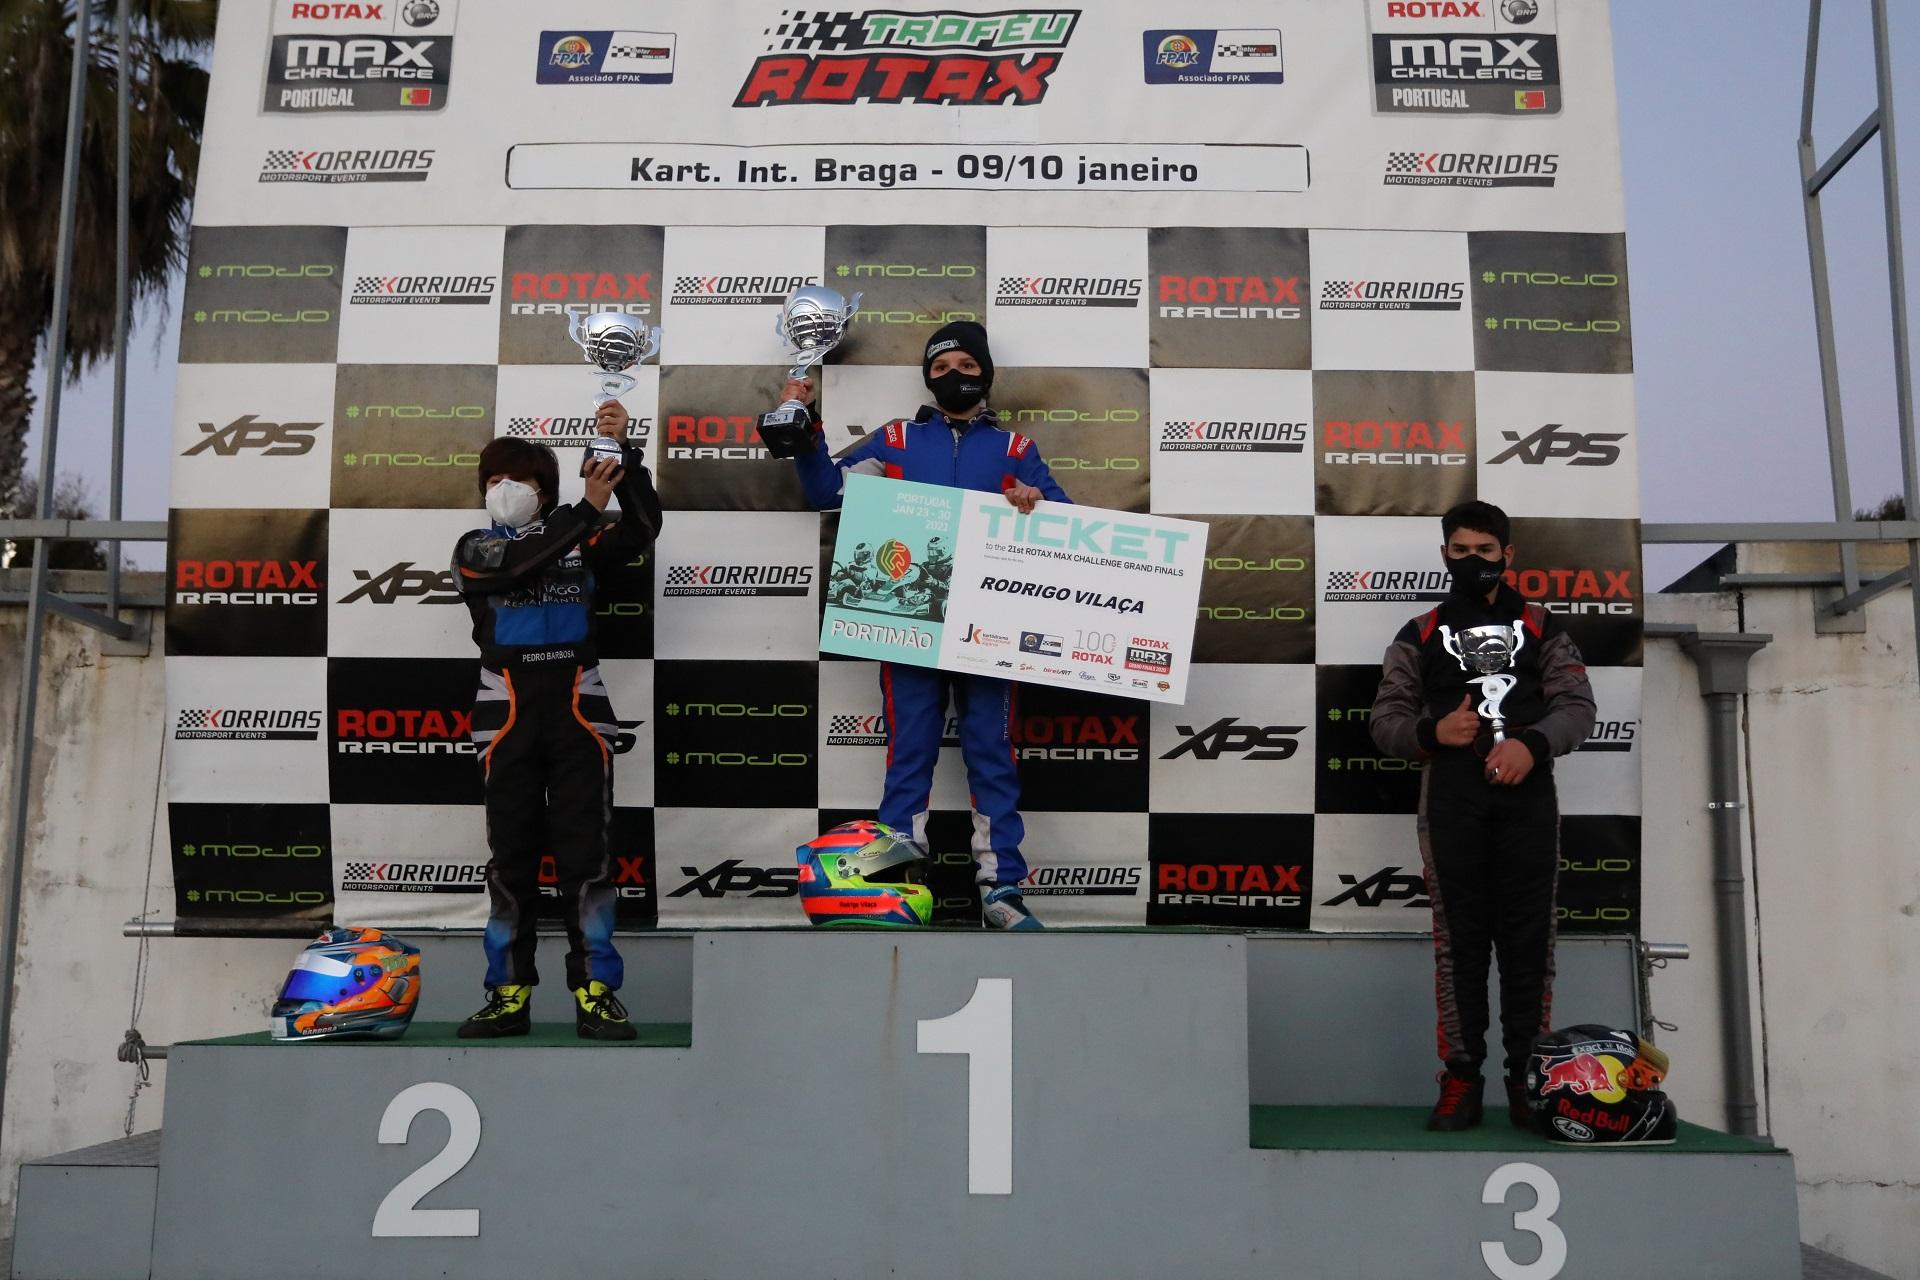 Rodrigo Vilaça vence em Braga e sagra-se com distinção campeão do Troféu Rotax Mini-Max